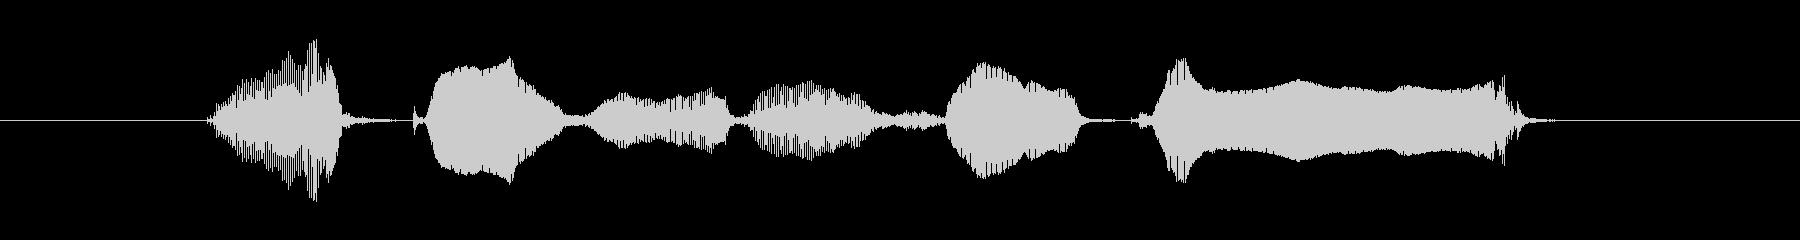 大好評連載中の未再生の波形